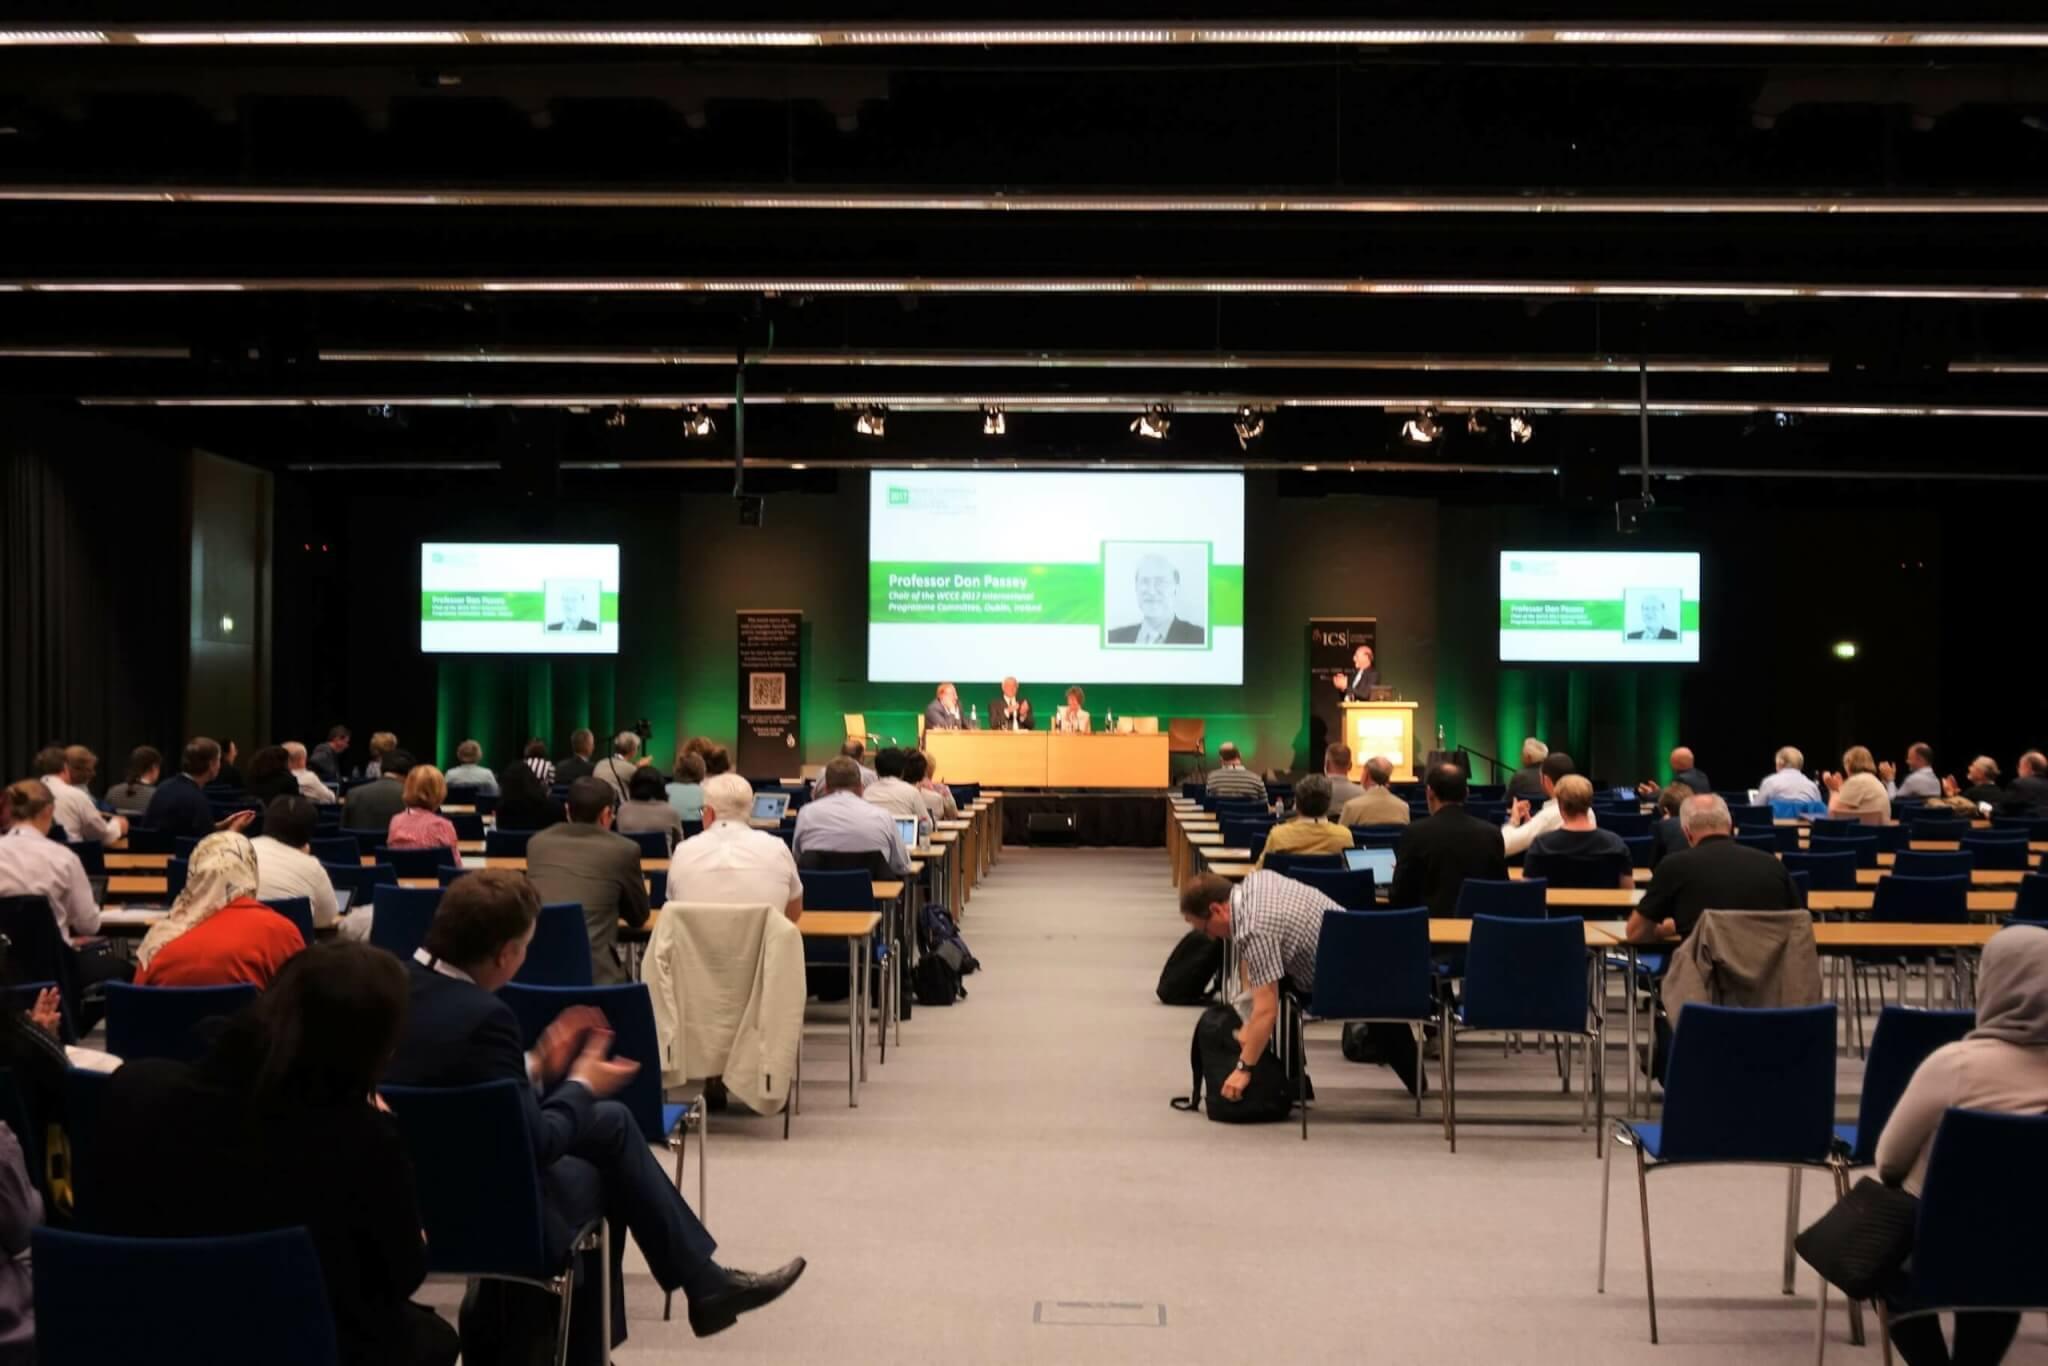 WCCE 2017 in Dublin